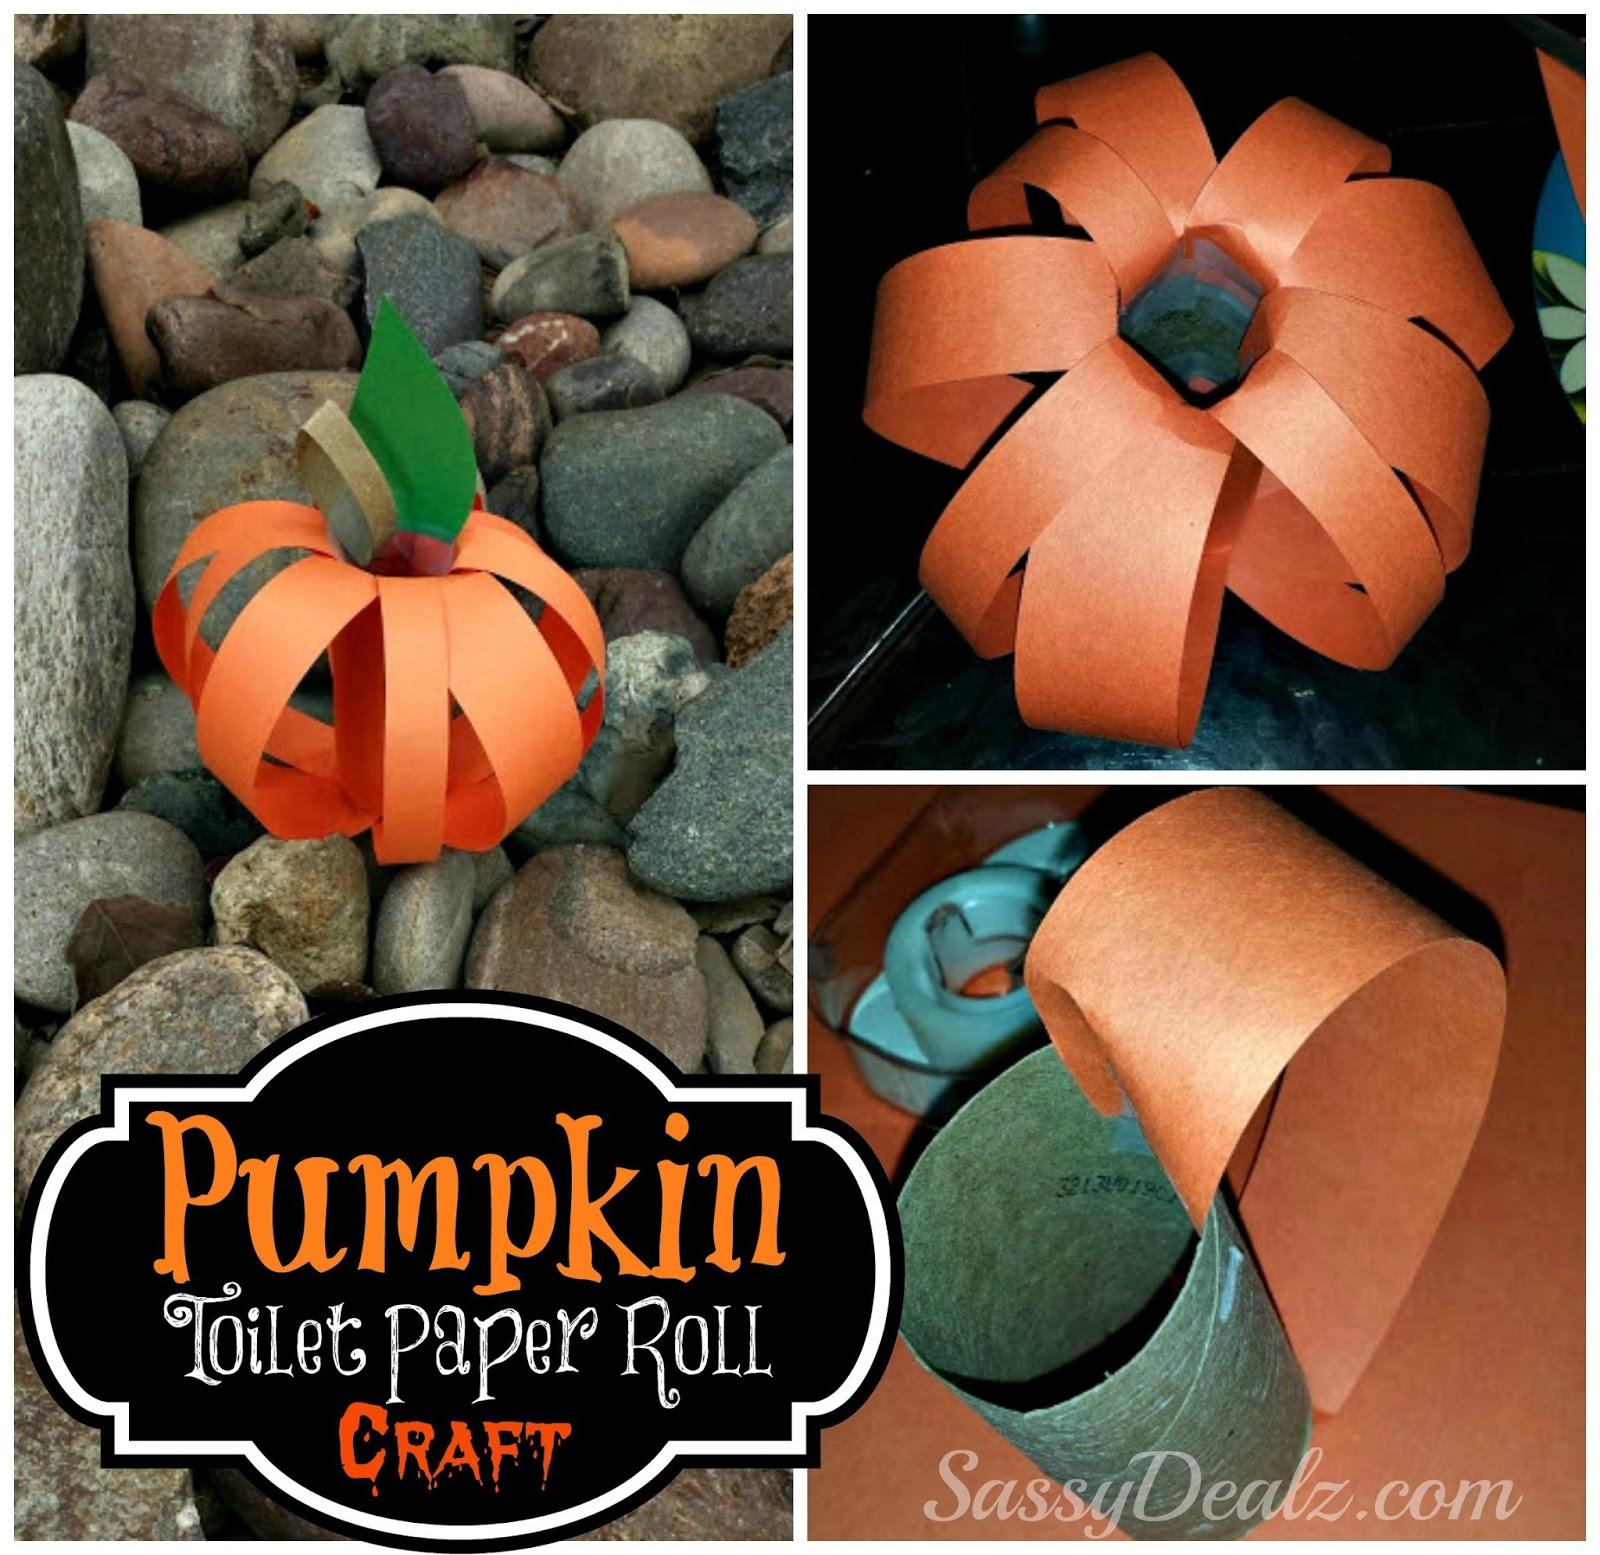 Pumpkin Toilet Paper Roll Craft For Kids Halloween Idea